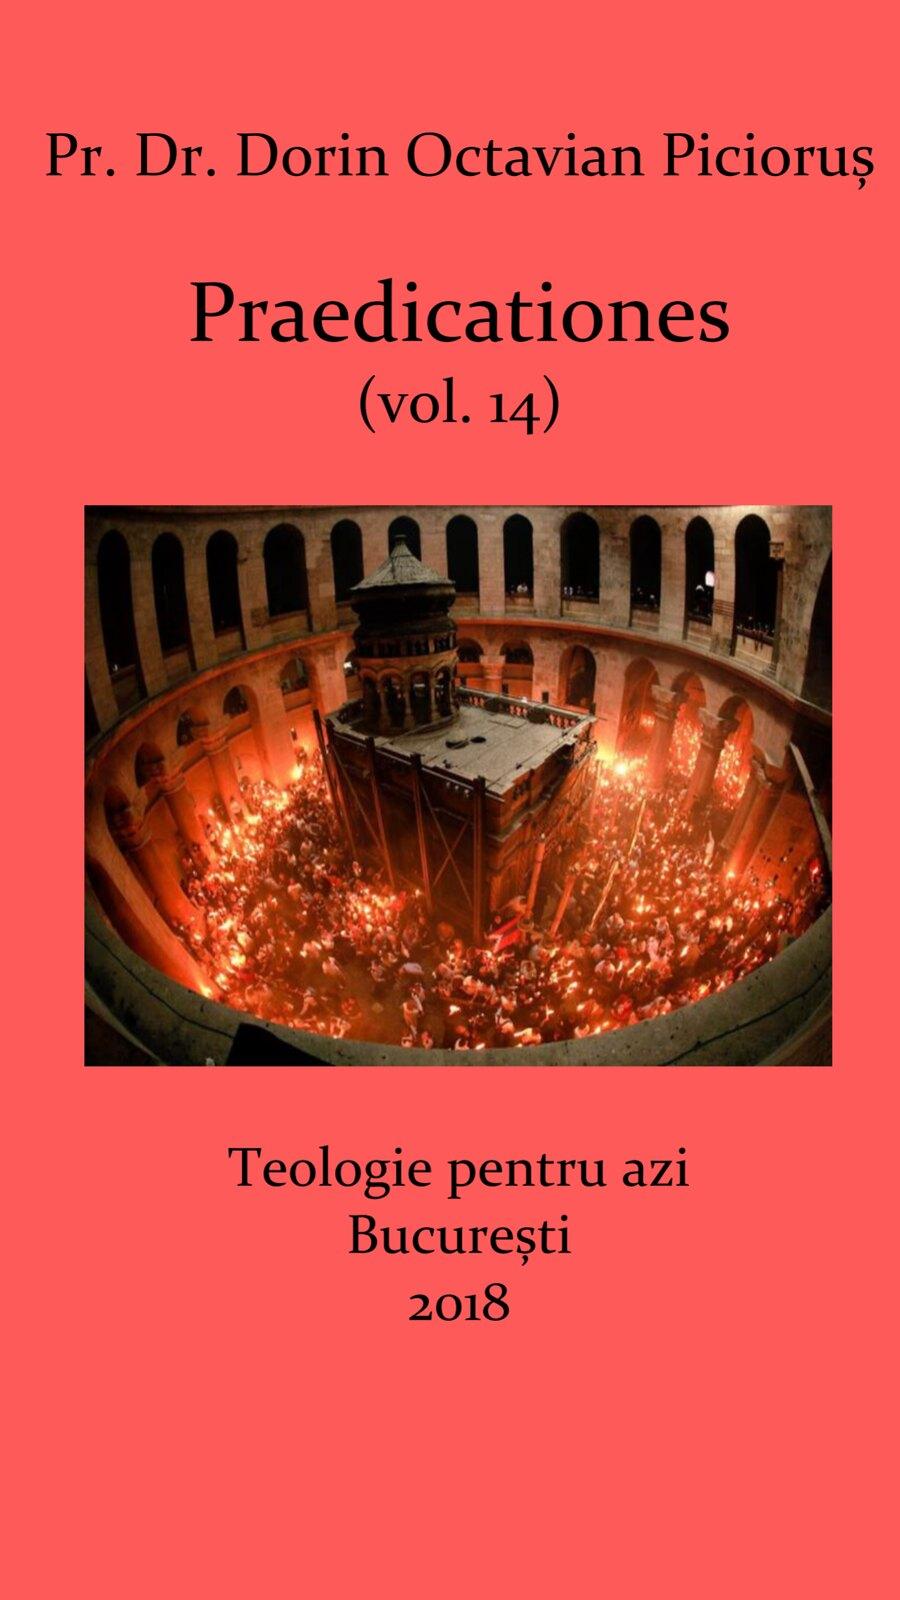 Praedicationes (vol. 14)